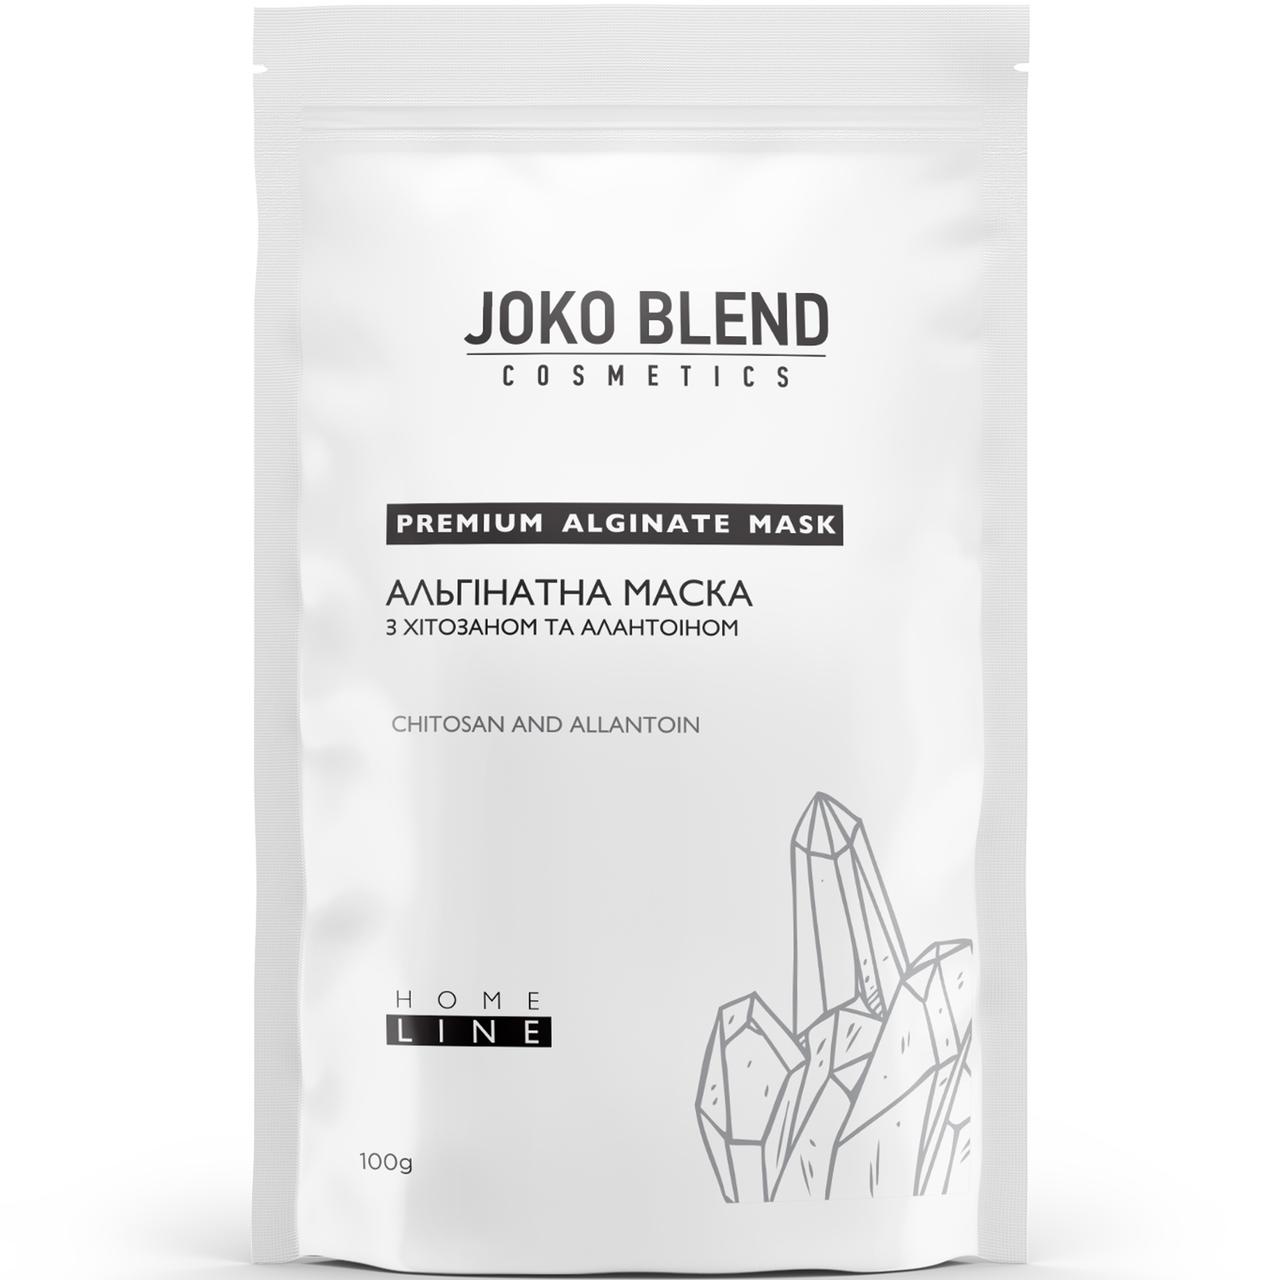 Альгинатная маска Joko Blend с хитозаном и аллантоином, 100 г